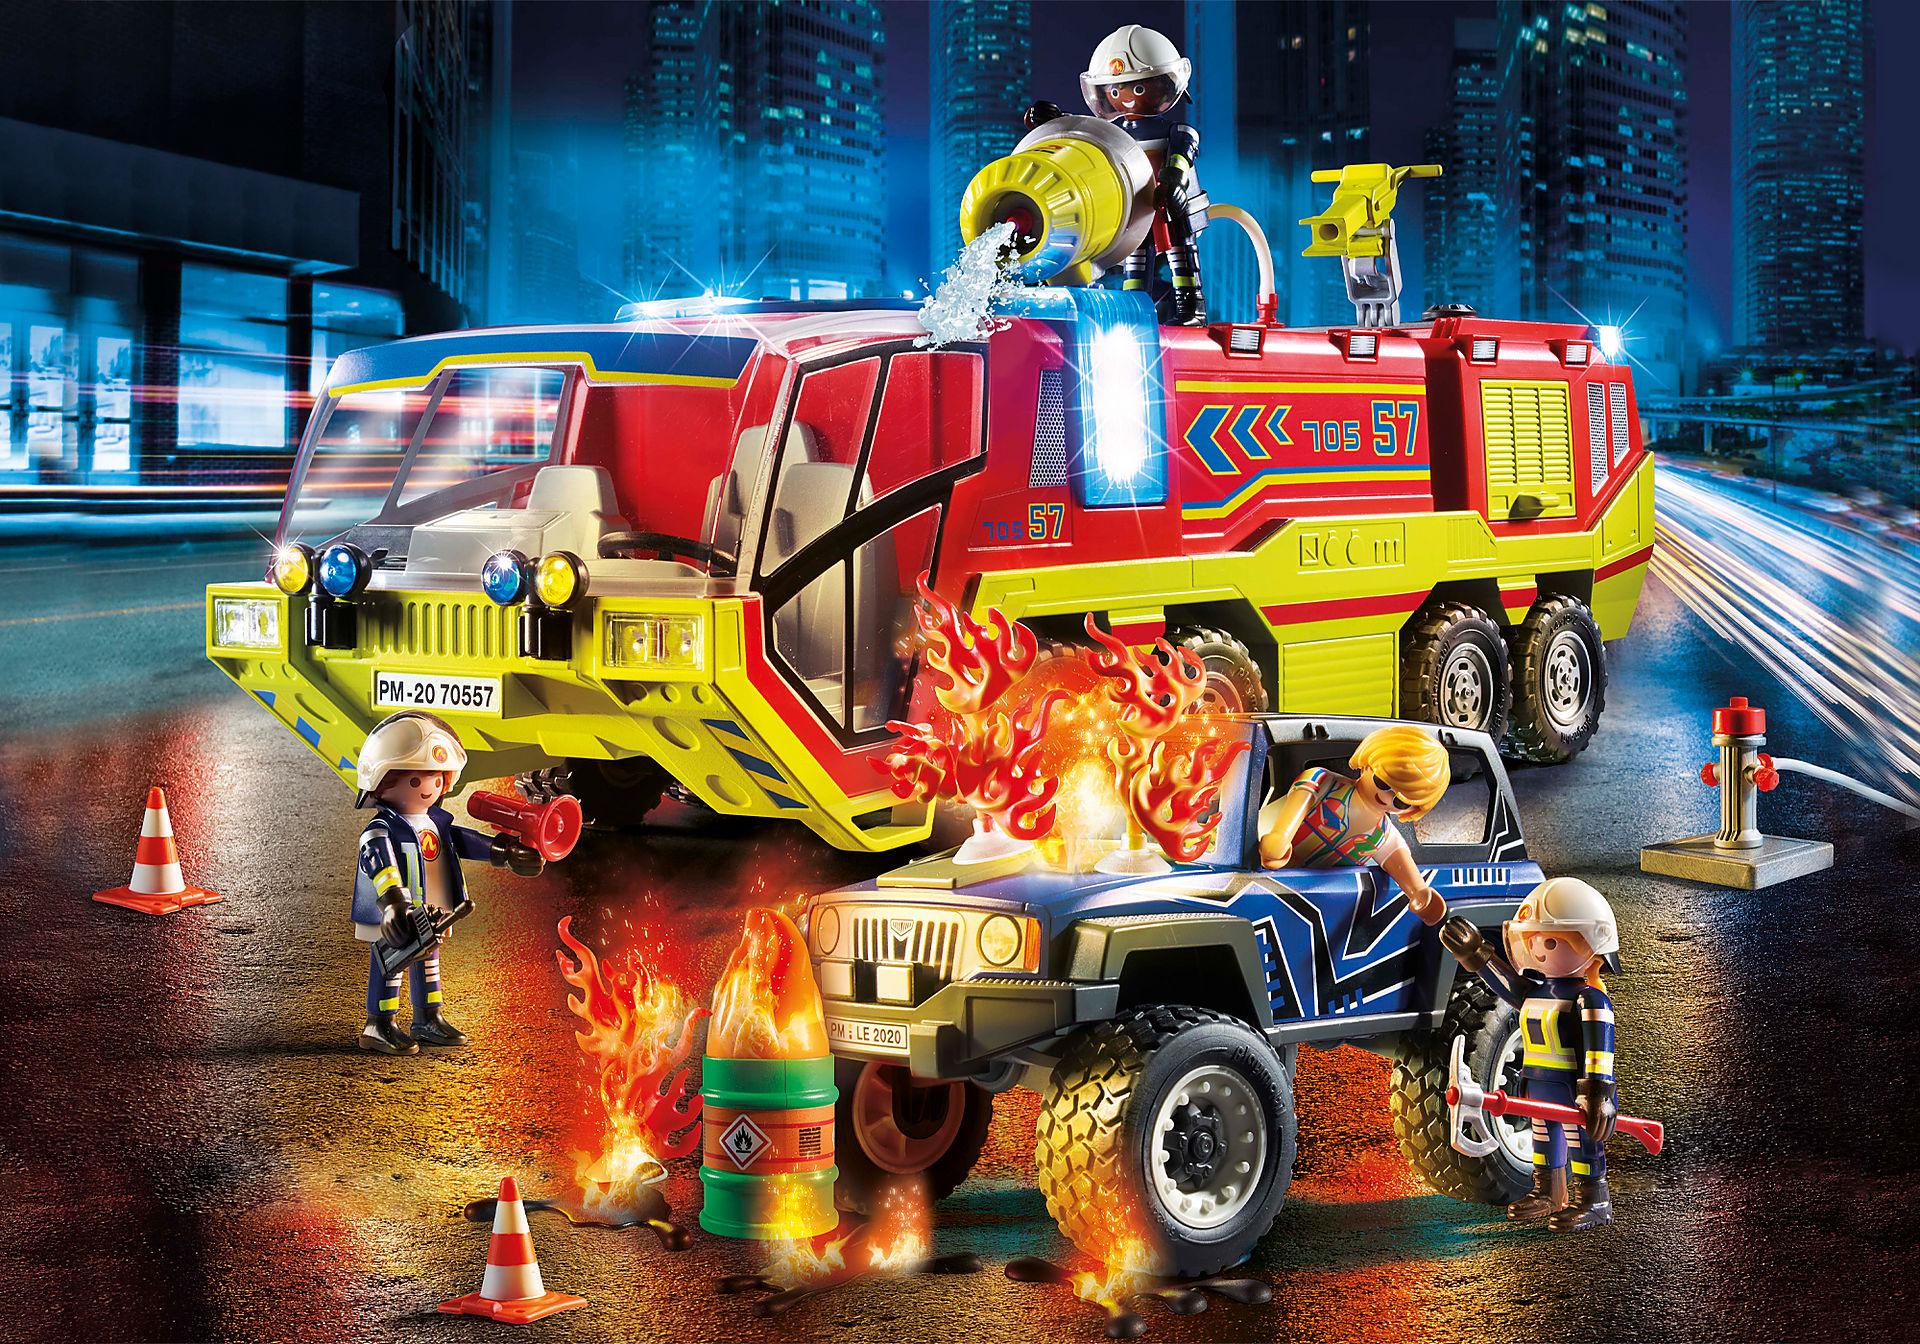 70557 Пожарный расчет с пожарной машиной zoom image1